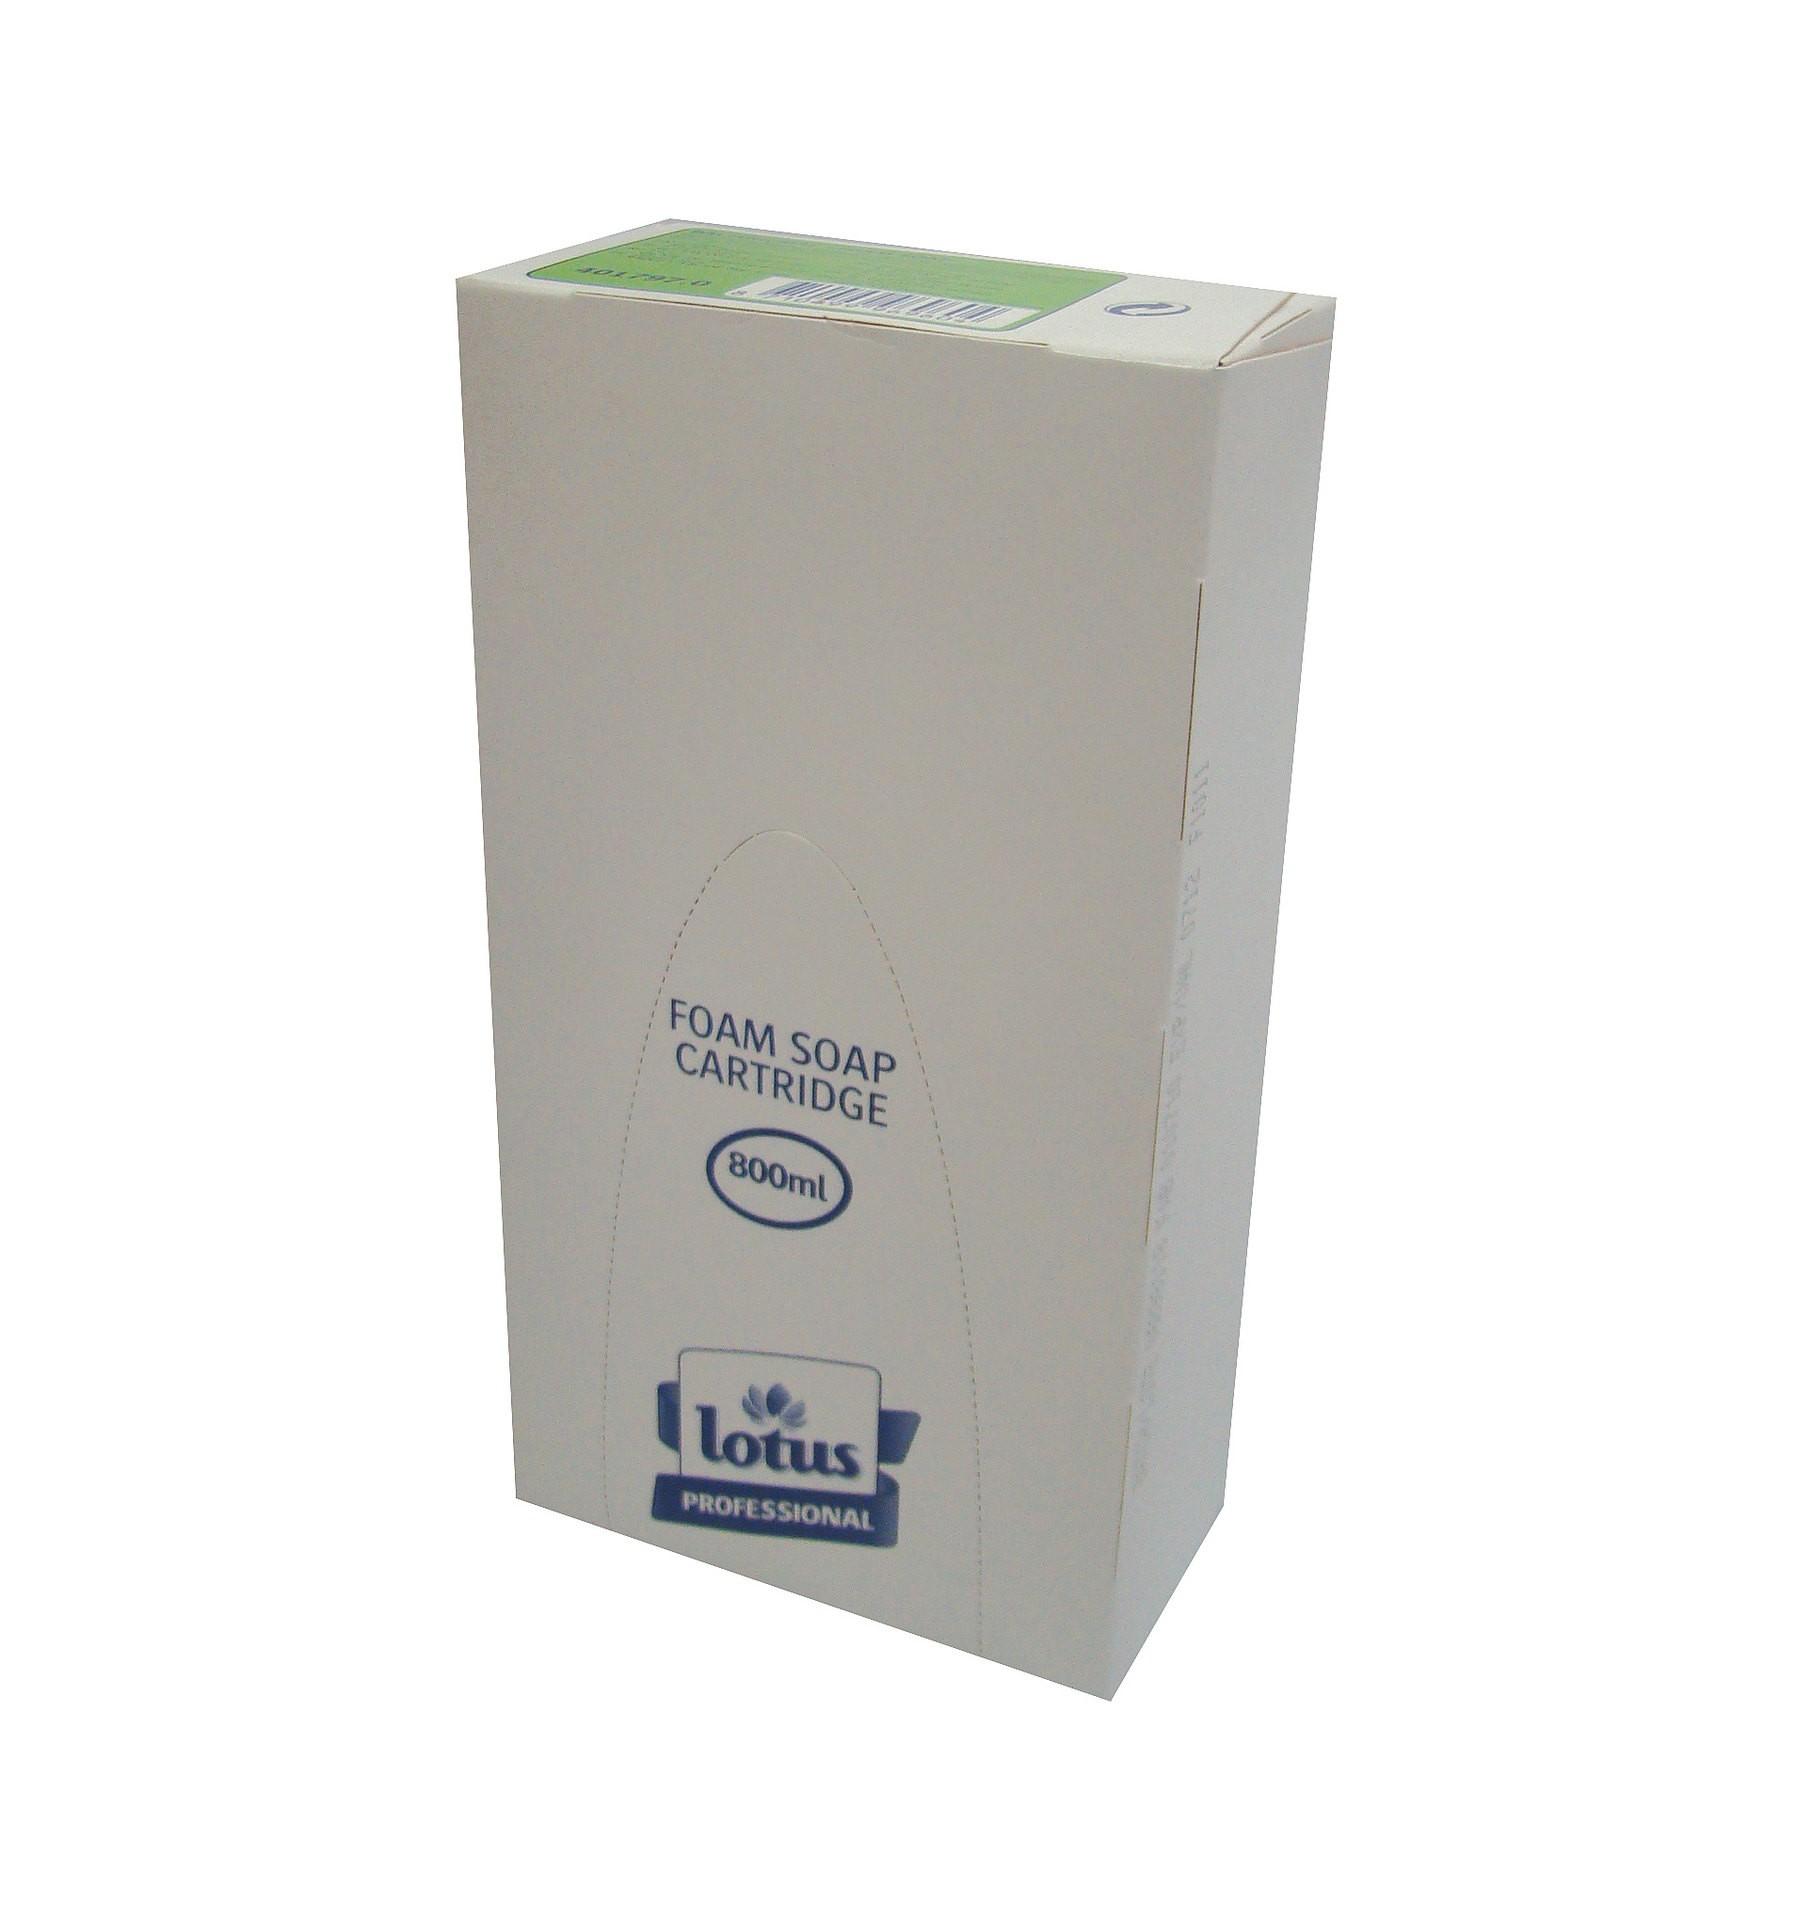 FOAM SOAP ANTIBAC ML.800 LOTUS